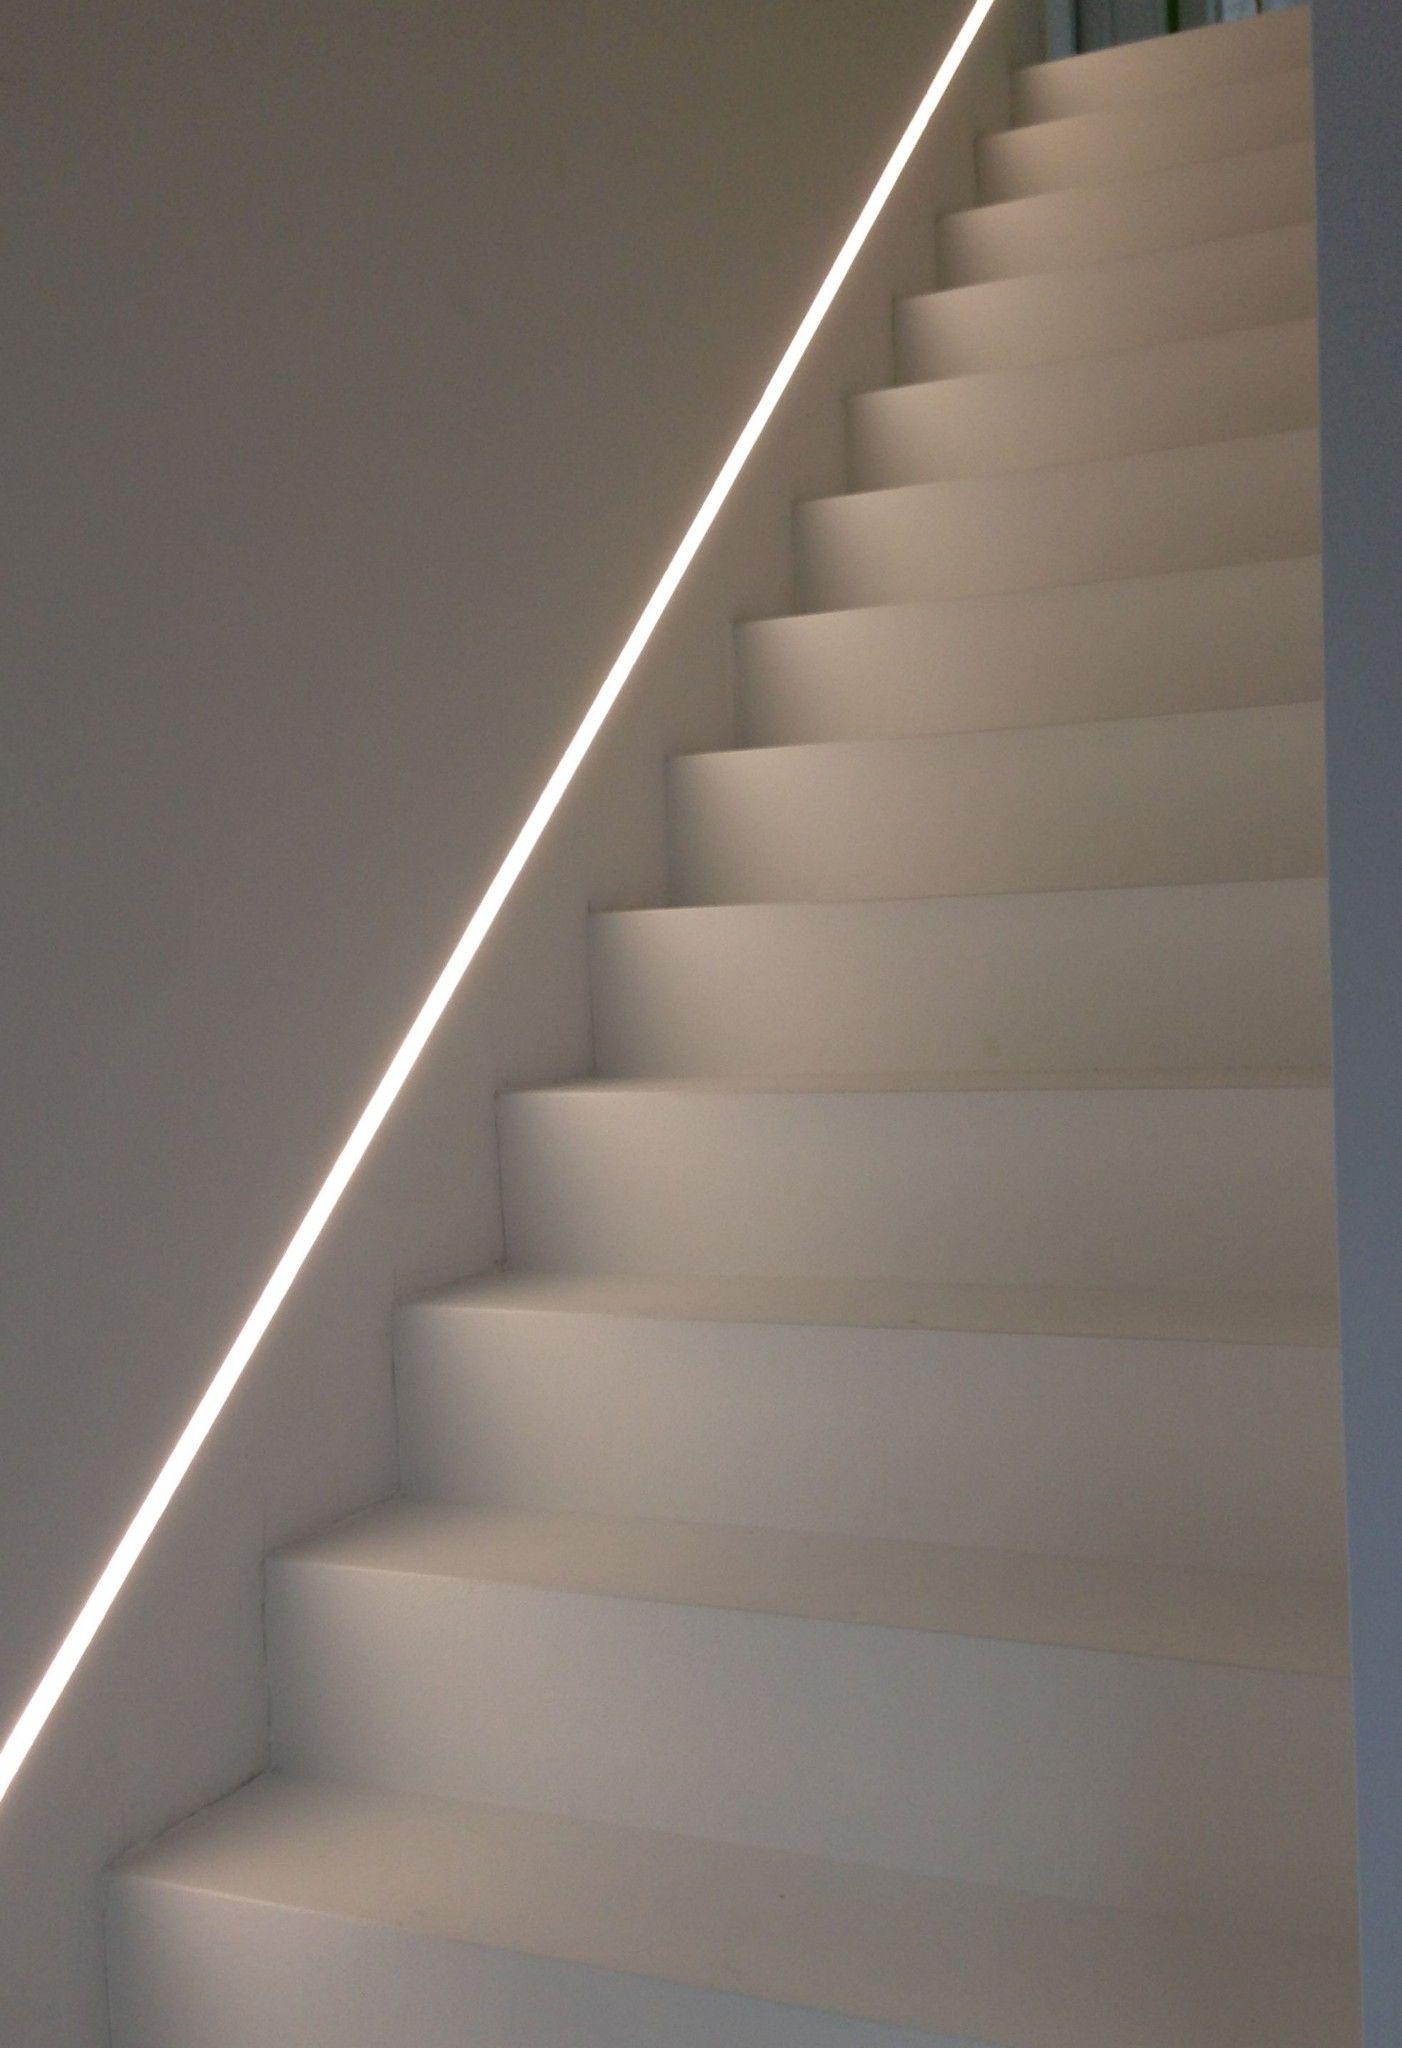 Pin Von Vizimalom Auf Trappen Treppenbeleuchtung Led Treppenbeleuchtung Led Streifen